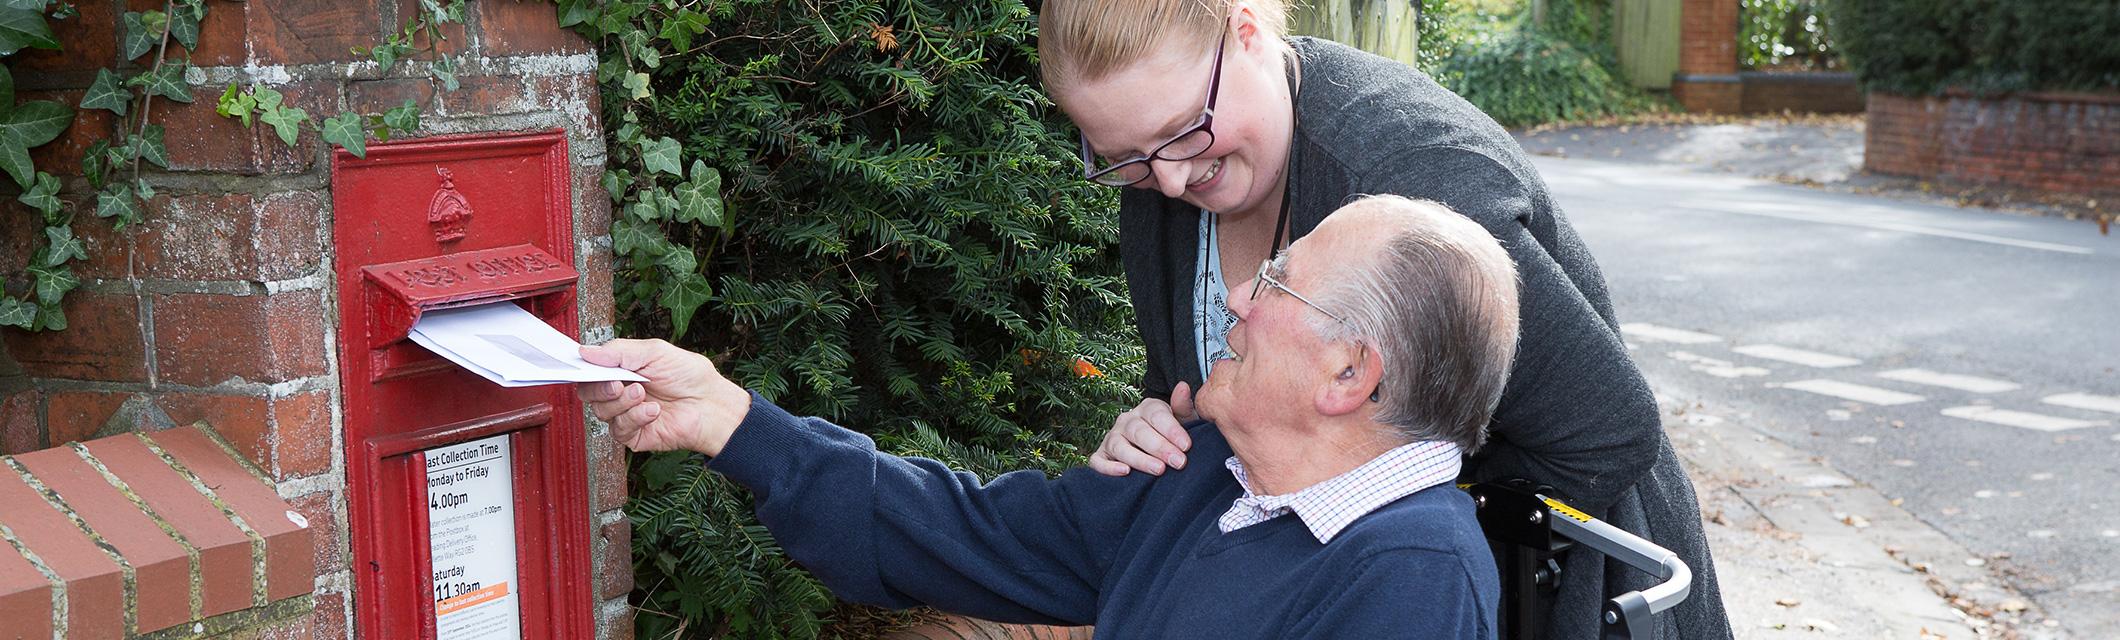 Case studies - elderly care